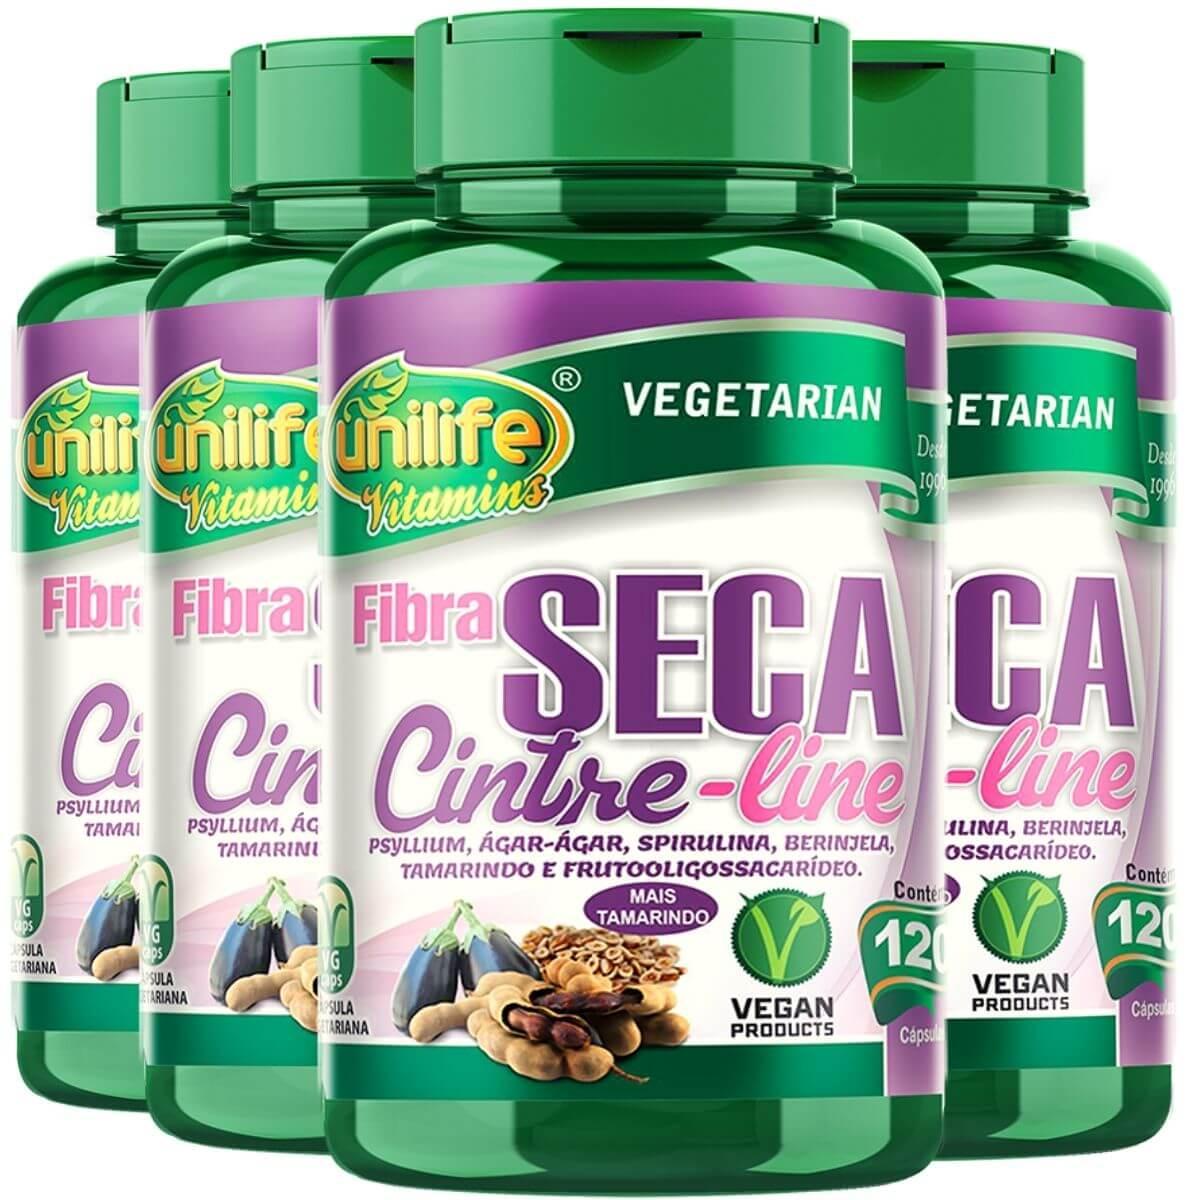 Kit 4 Emagrecedor Fibra Seca Cinture Line 120 Cápsulas - Unilife